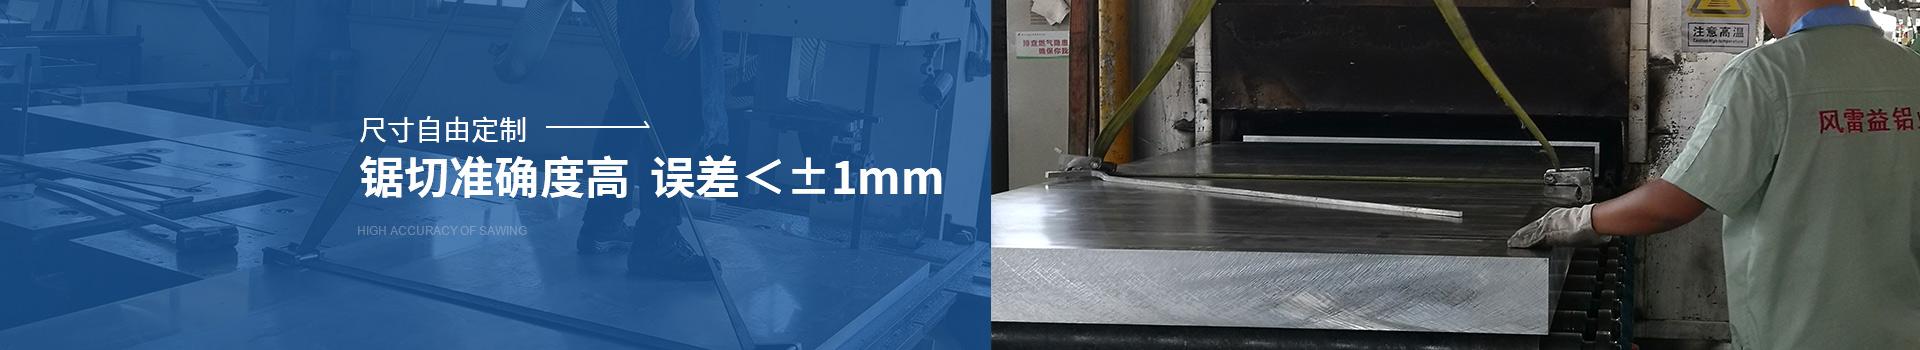 风雷益合金铝板尺寸自由定制